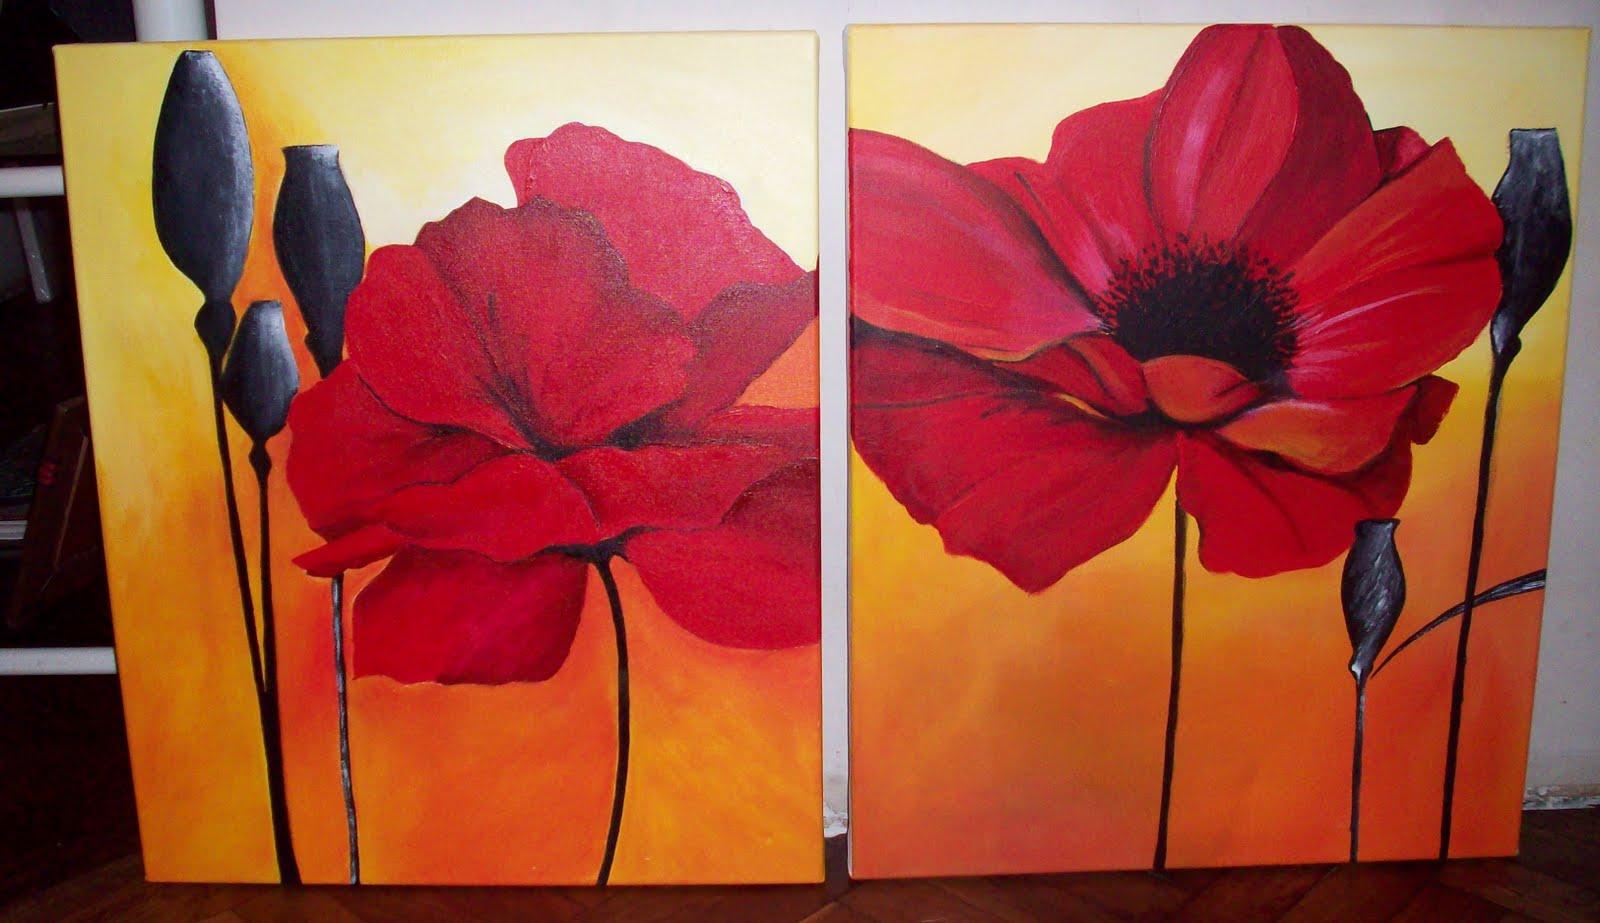 Pinturas Cuadros: Imágenes de Flores Sencillas - Imagenes De Cuadros Abstractos De Flores